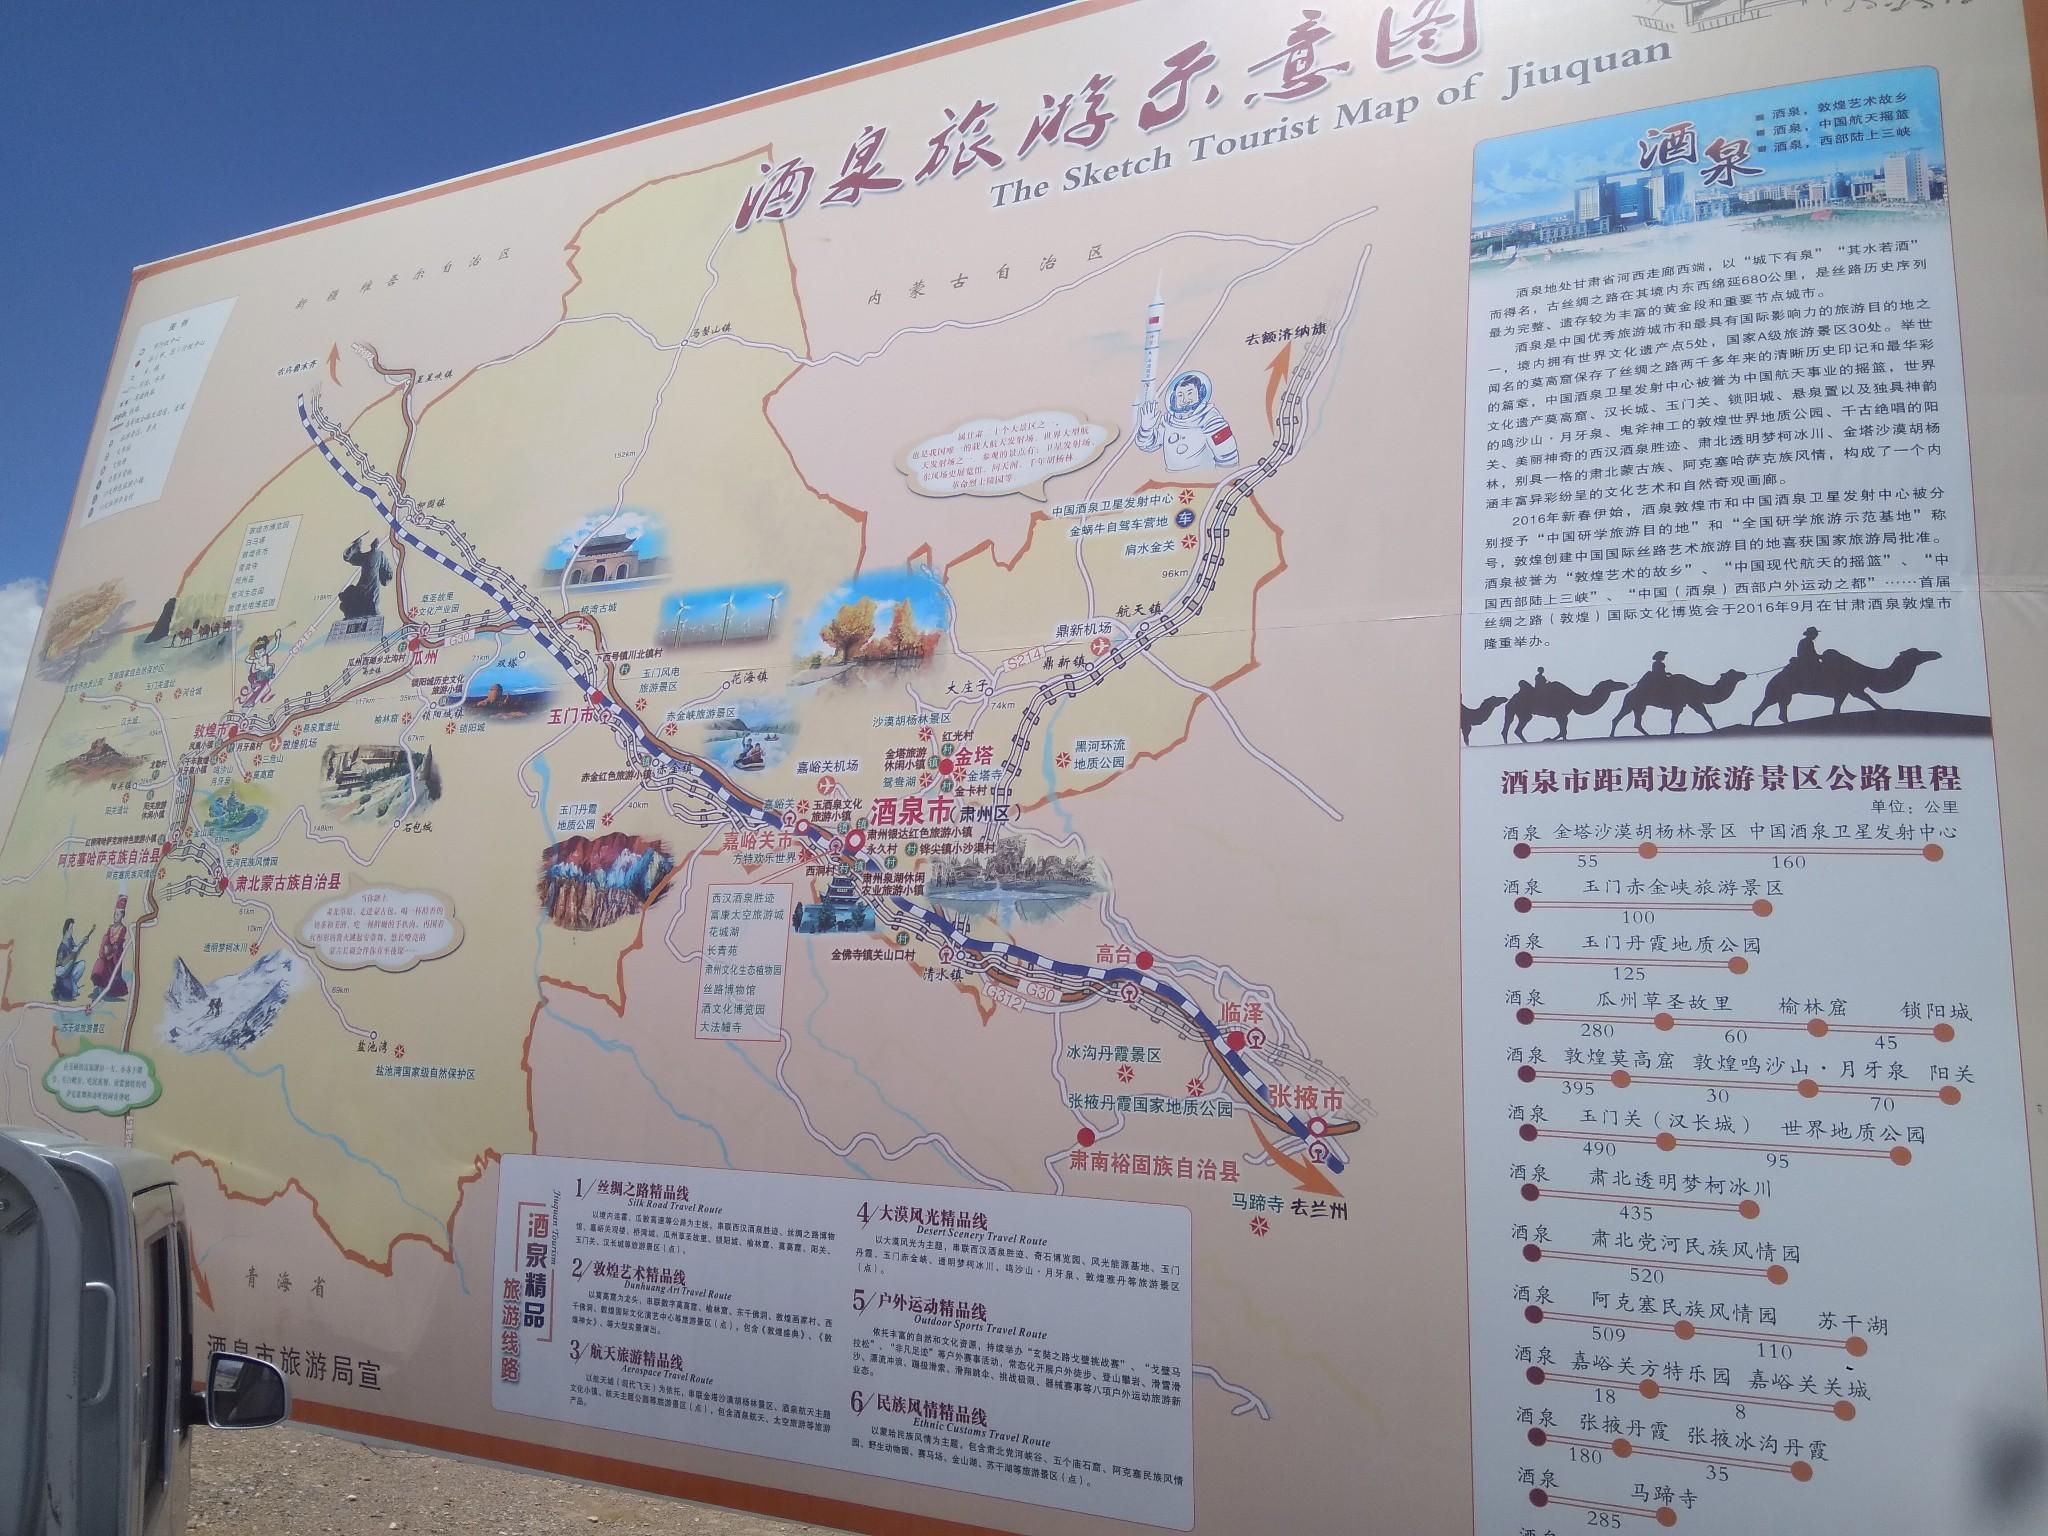 GanSu JiaYuGuan Tourist Map